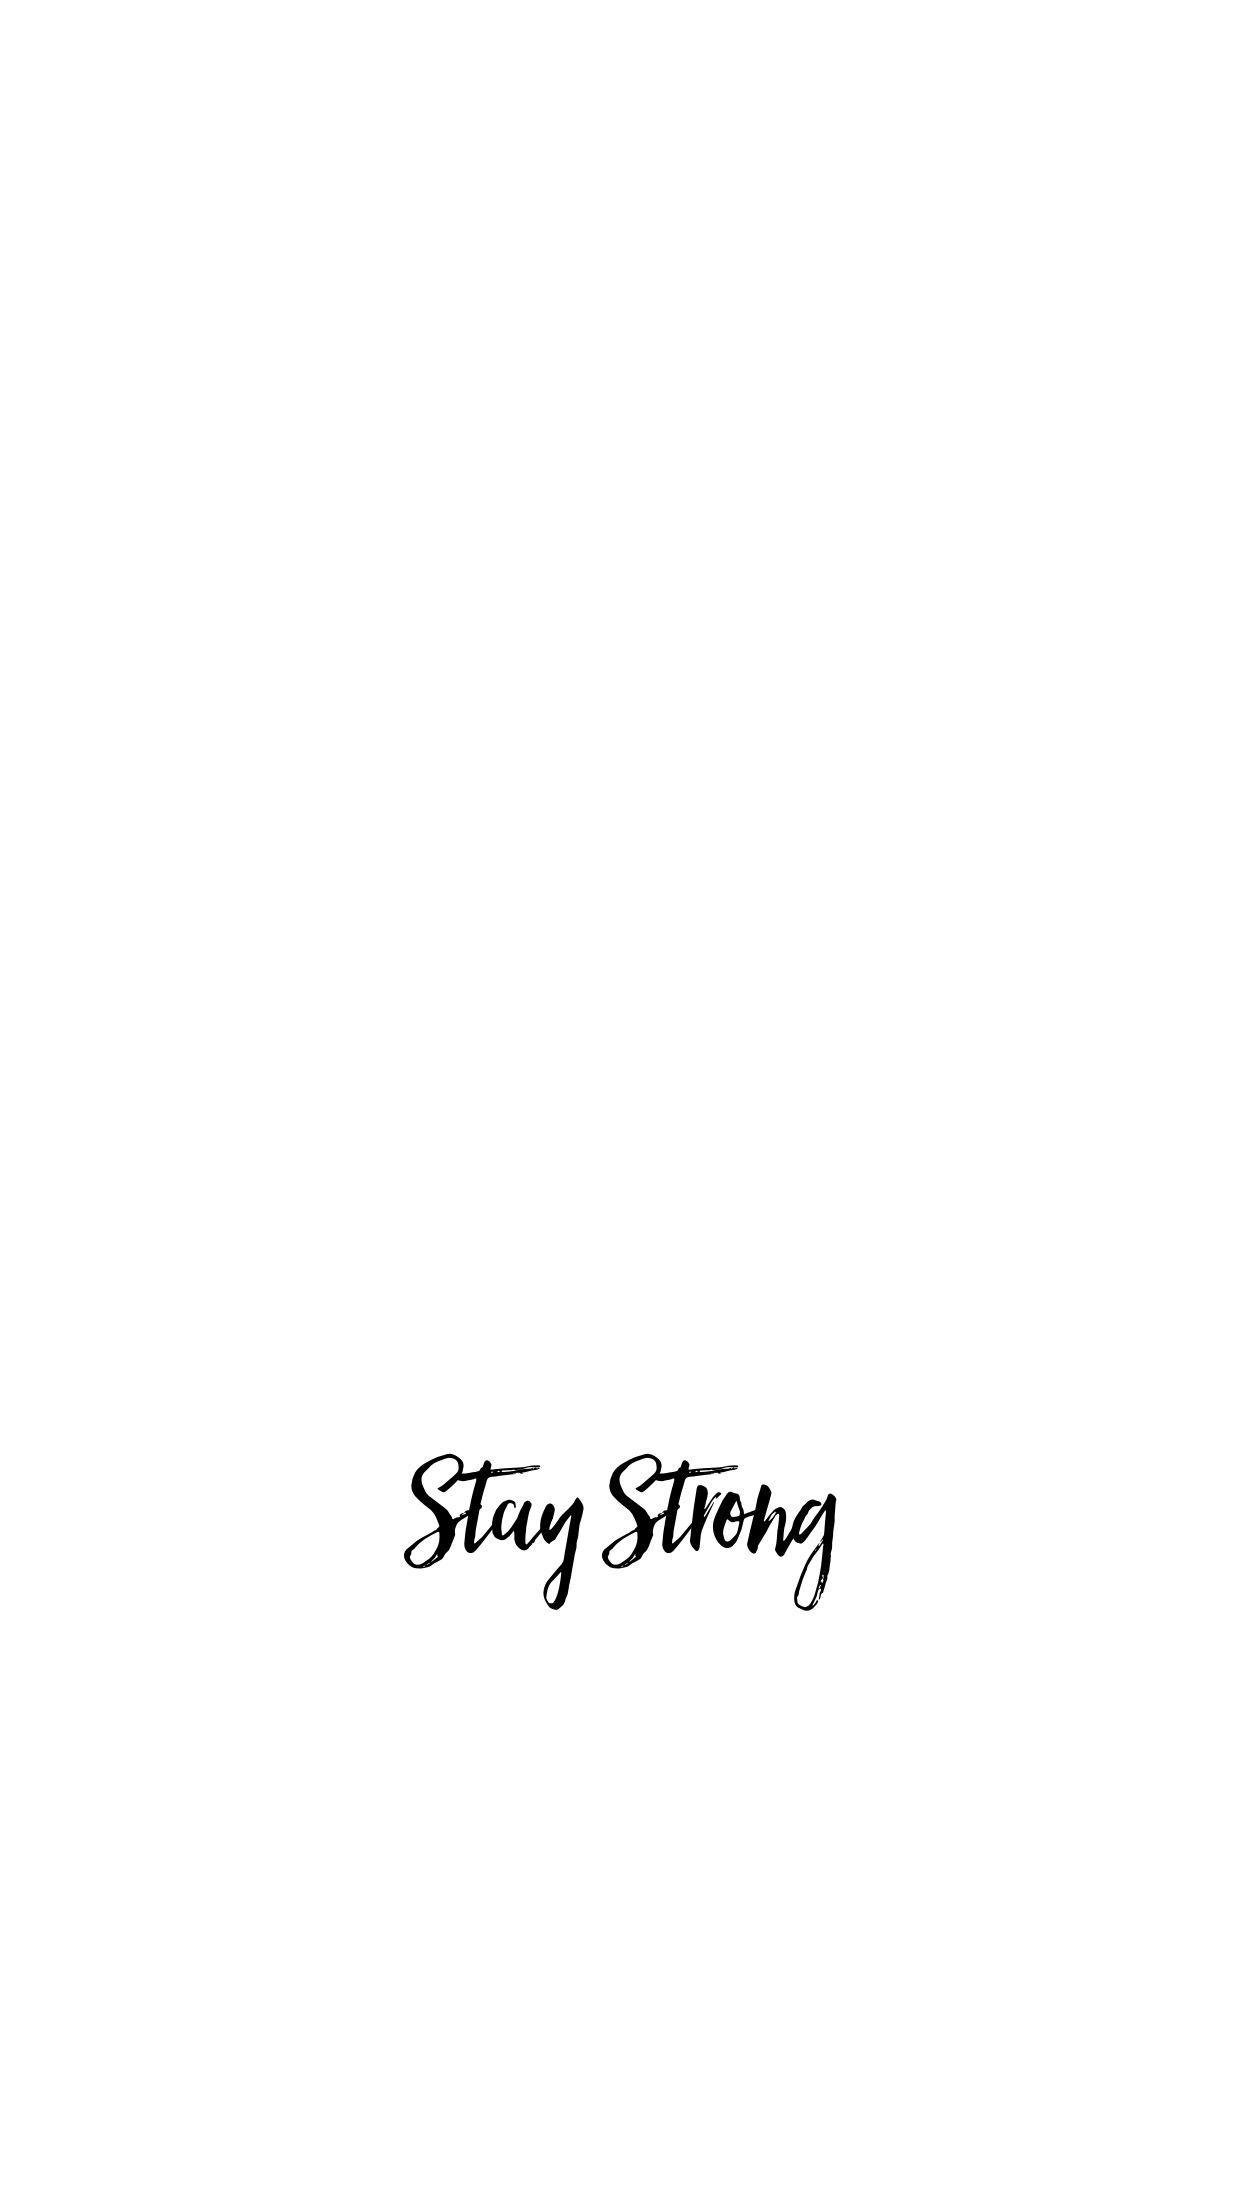 Pin By Atrina On Atrina Wallpaper Iphone Quotes Simple Wallpapers Wallpaper Quotes